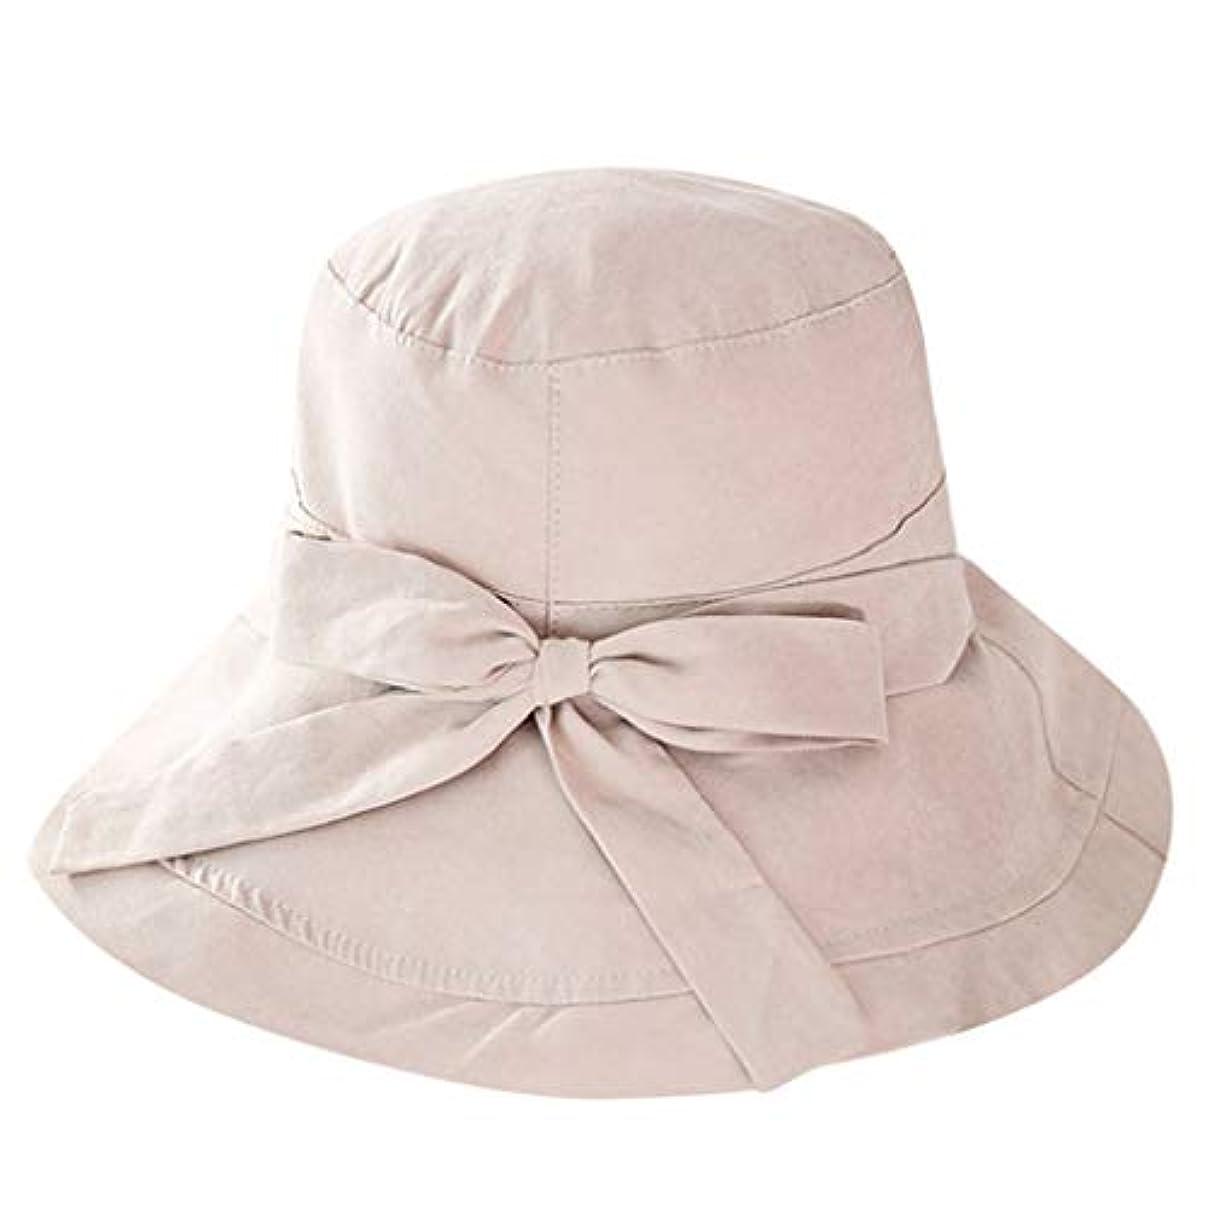 仕事カヌーポンプKaiweini レディース夏漁夫帽カジュアル日よけバイザービッグエッジクロスキャップ人気の屋外折りたたみビーチキャップチャイルドハット日焼け止め太陽帽